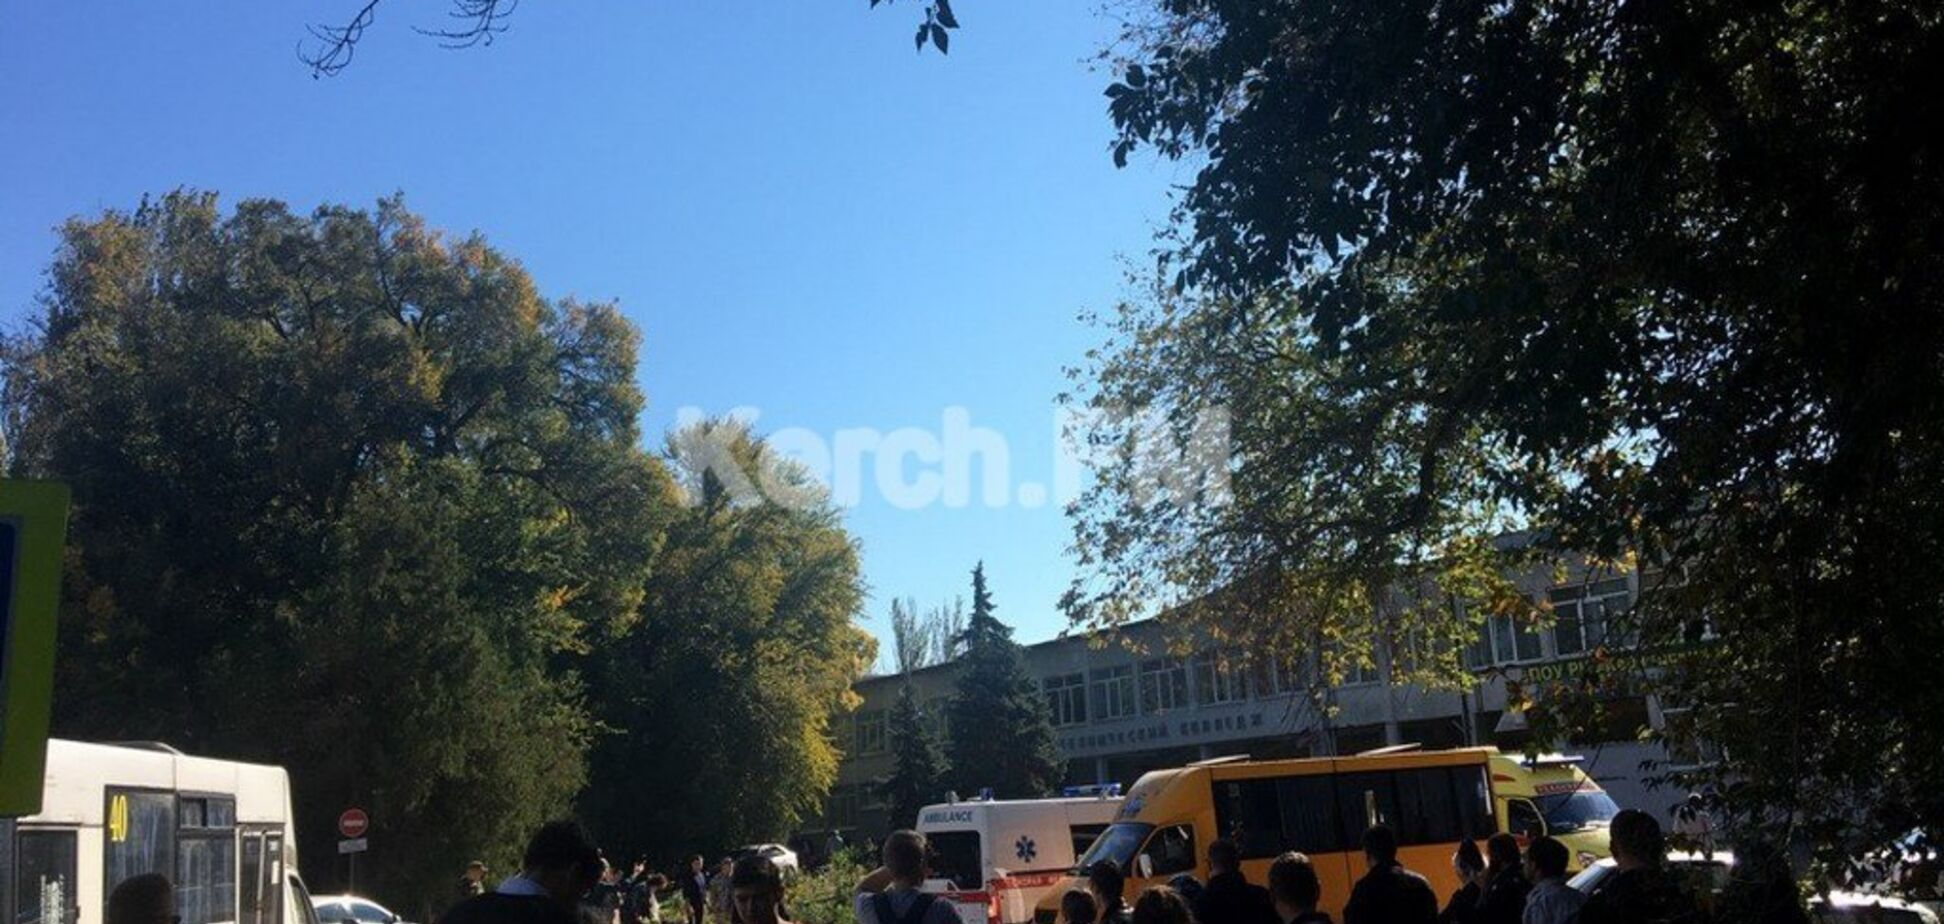 ''Там люди с автоматами'': появились подробности с места взрыва в Керчи